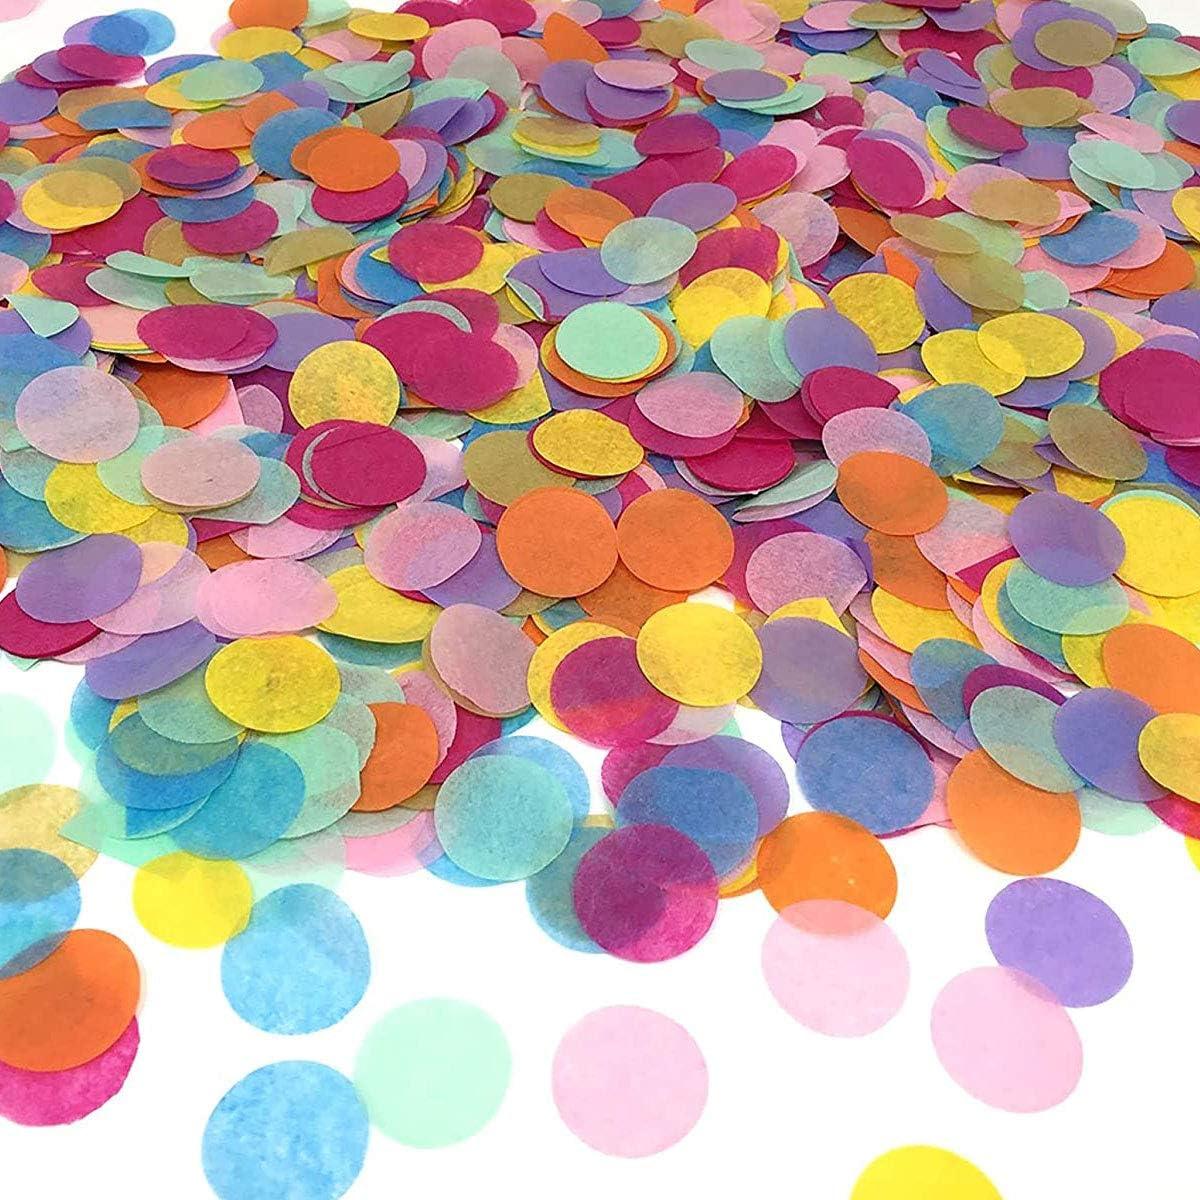 Toallas de papel redondas de confeti, decoración para el hogar, bodas, cumpleaños, fiestas, colores variados